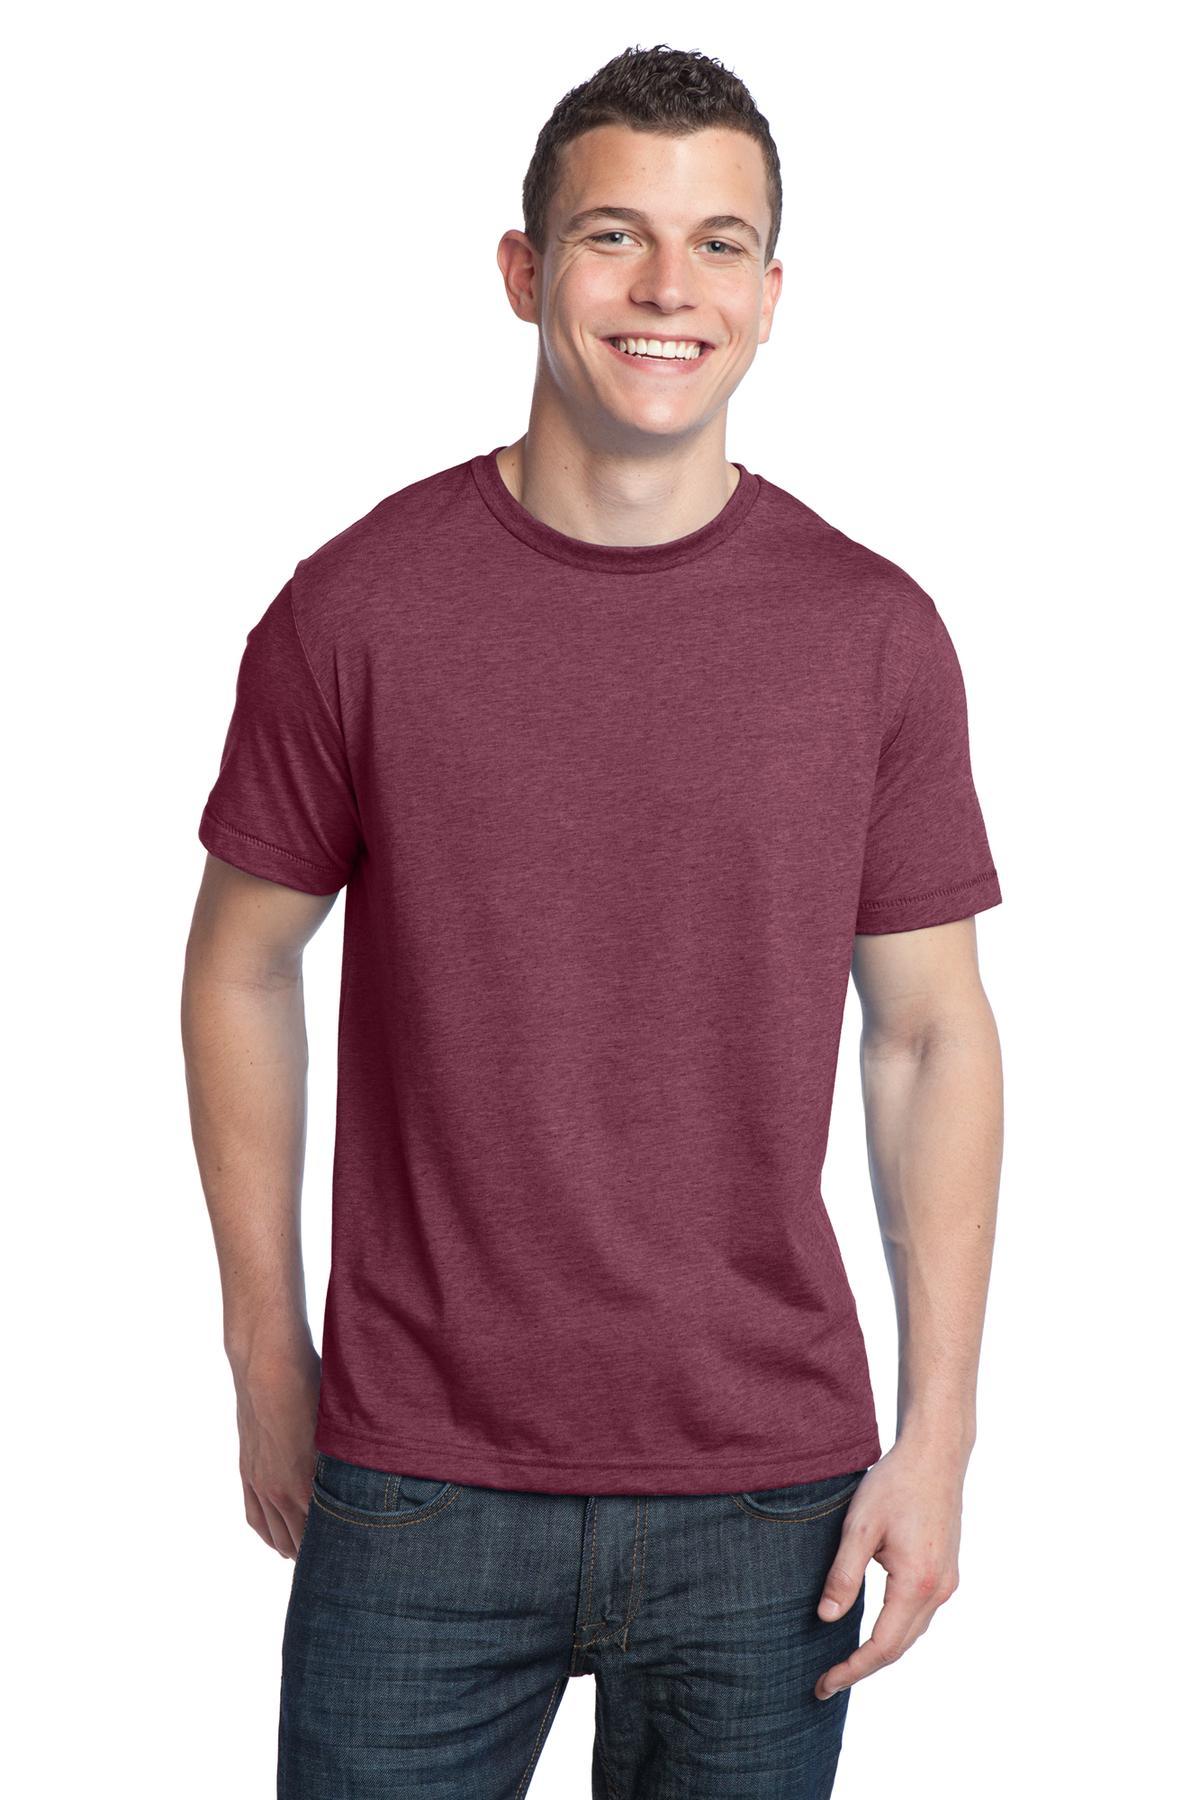 T-Shirts-Juniors-Young-Men-6